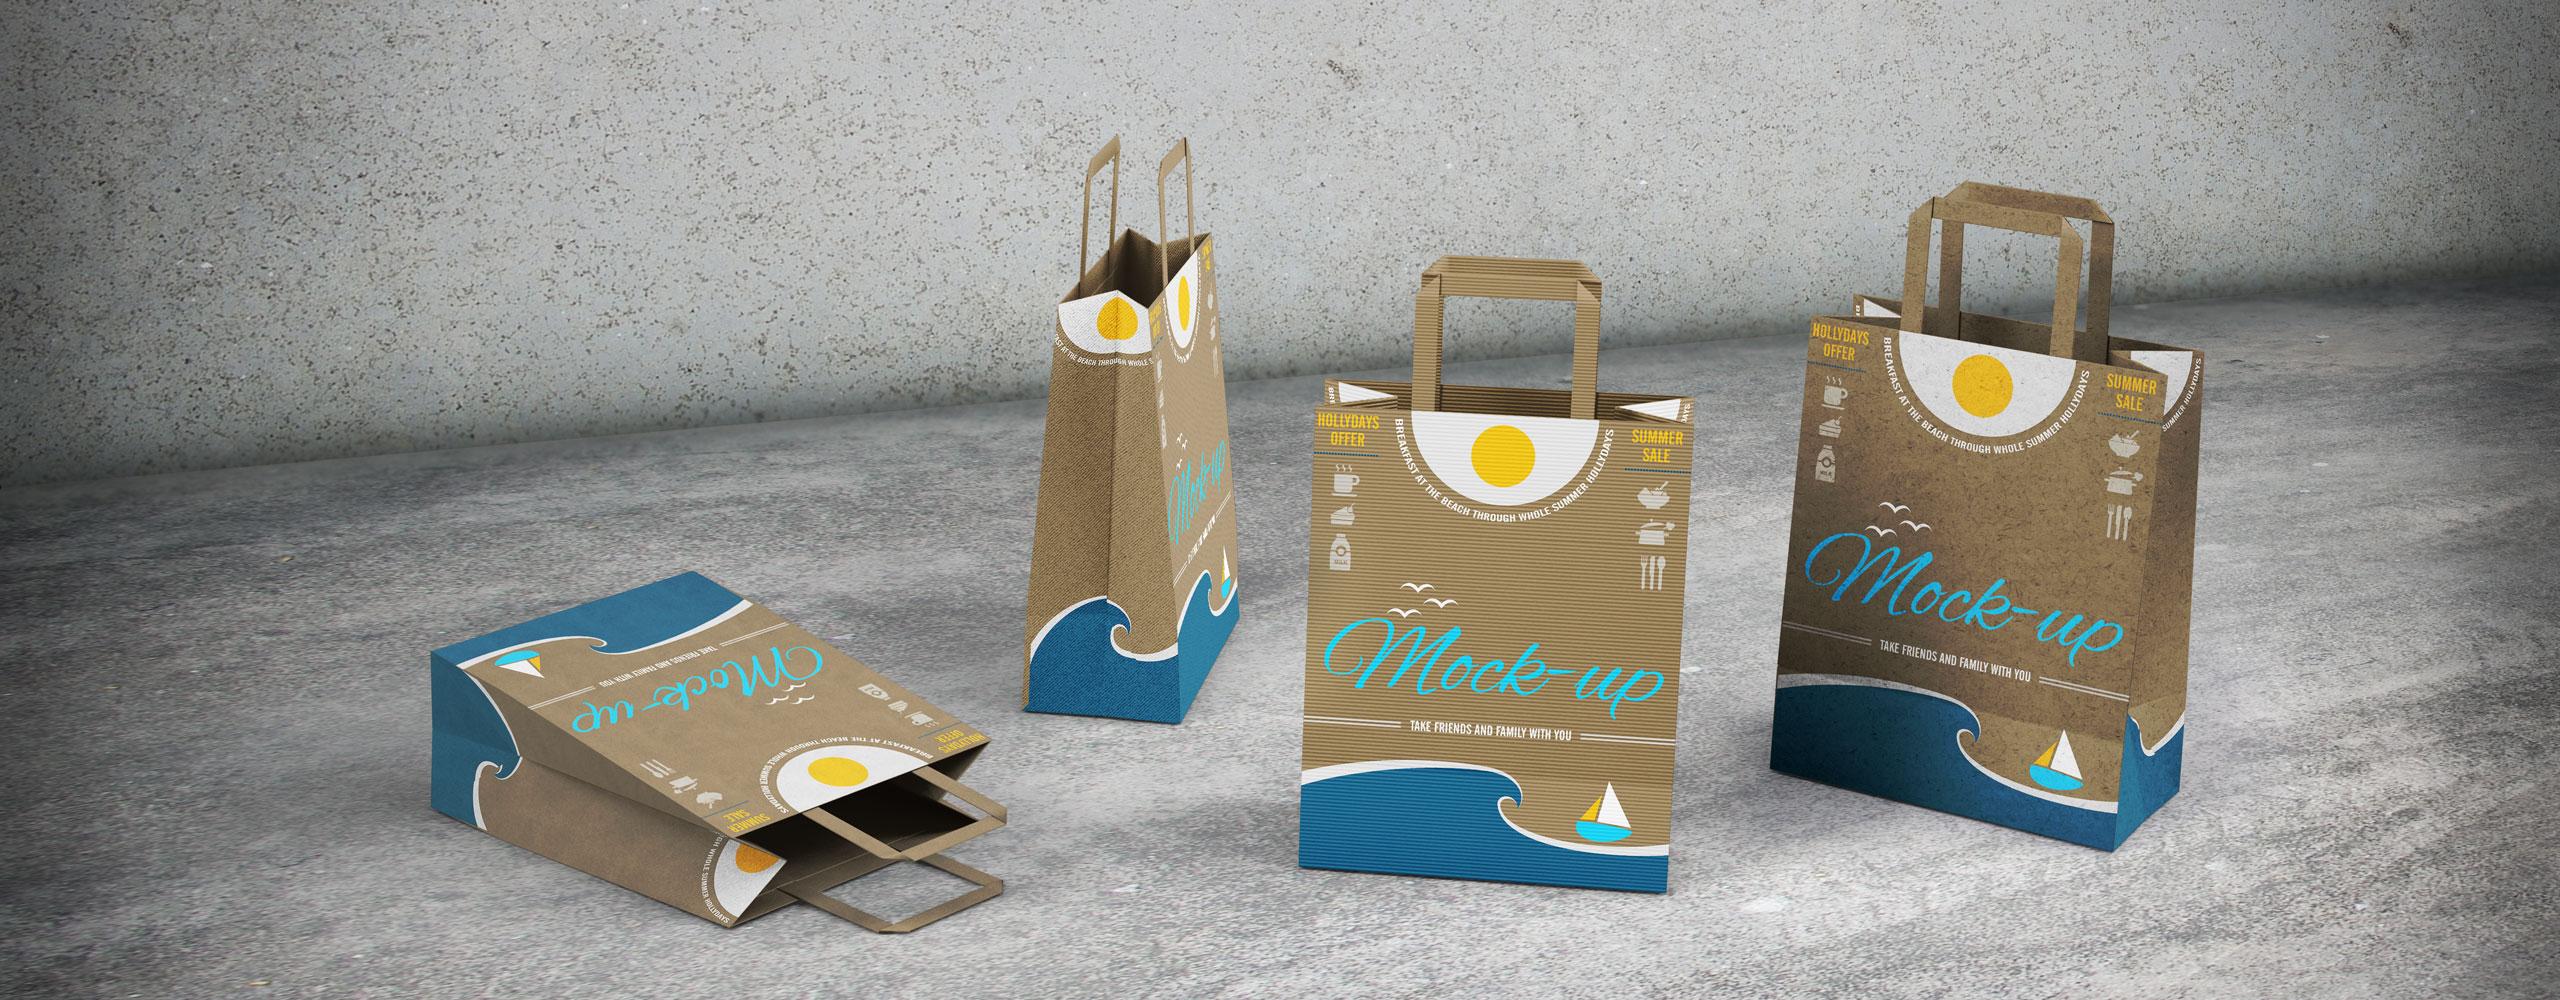 Χάρτινες τσάντες, Πλαστικές τσάντες, Υφασμάτινες τσάντες, Οικολογικές τσάντες